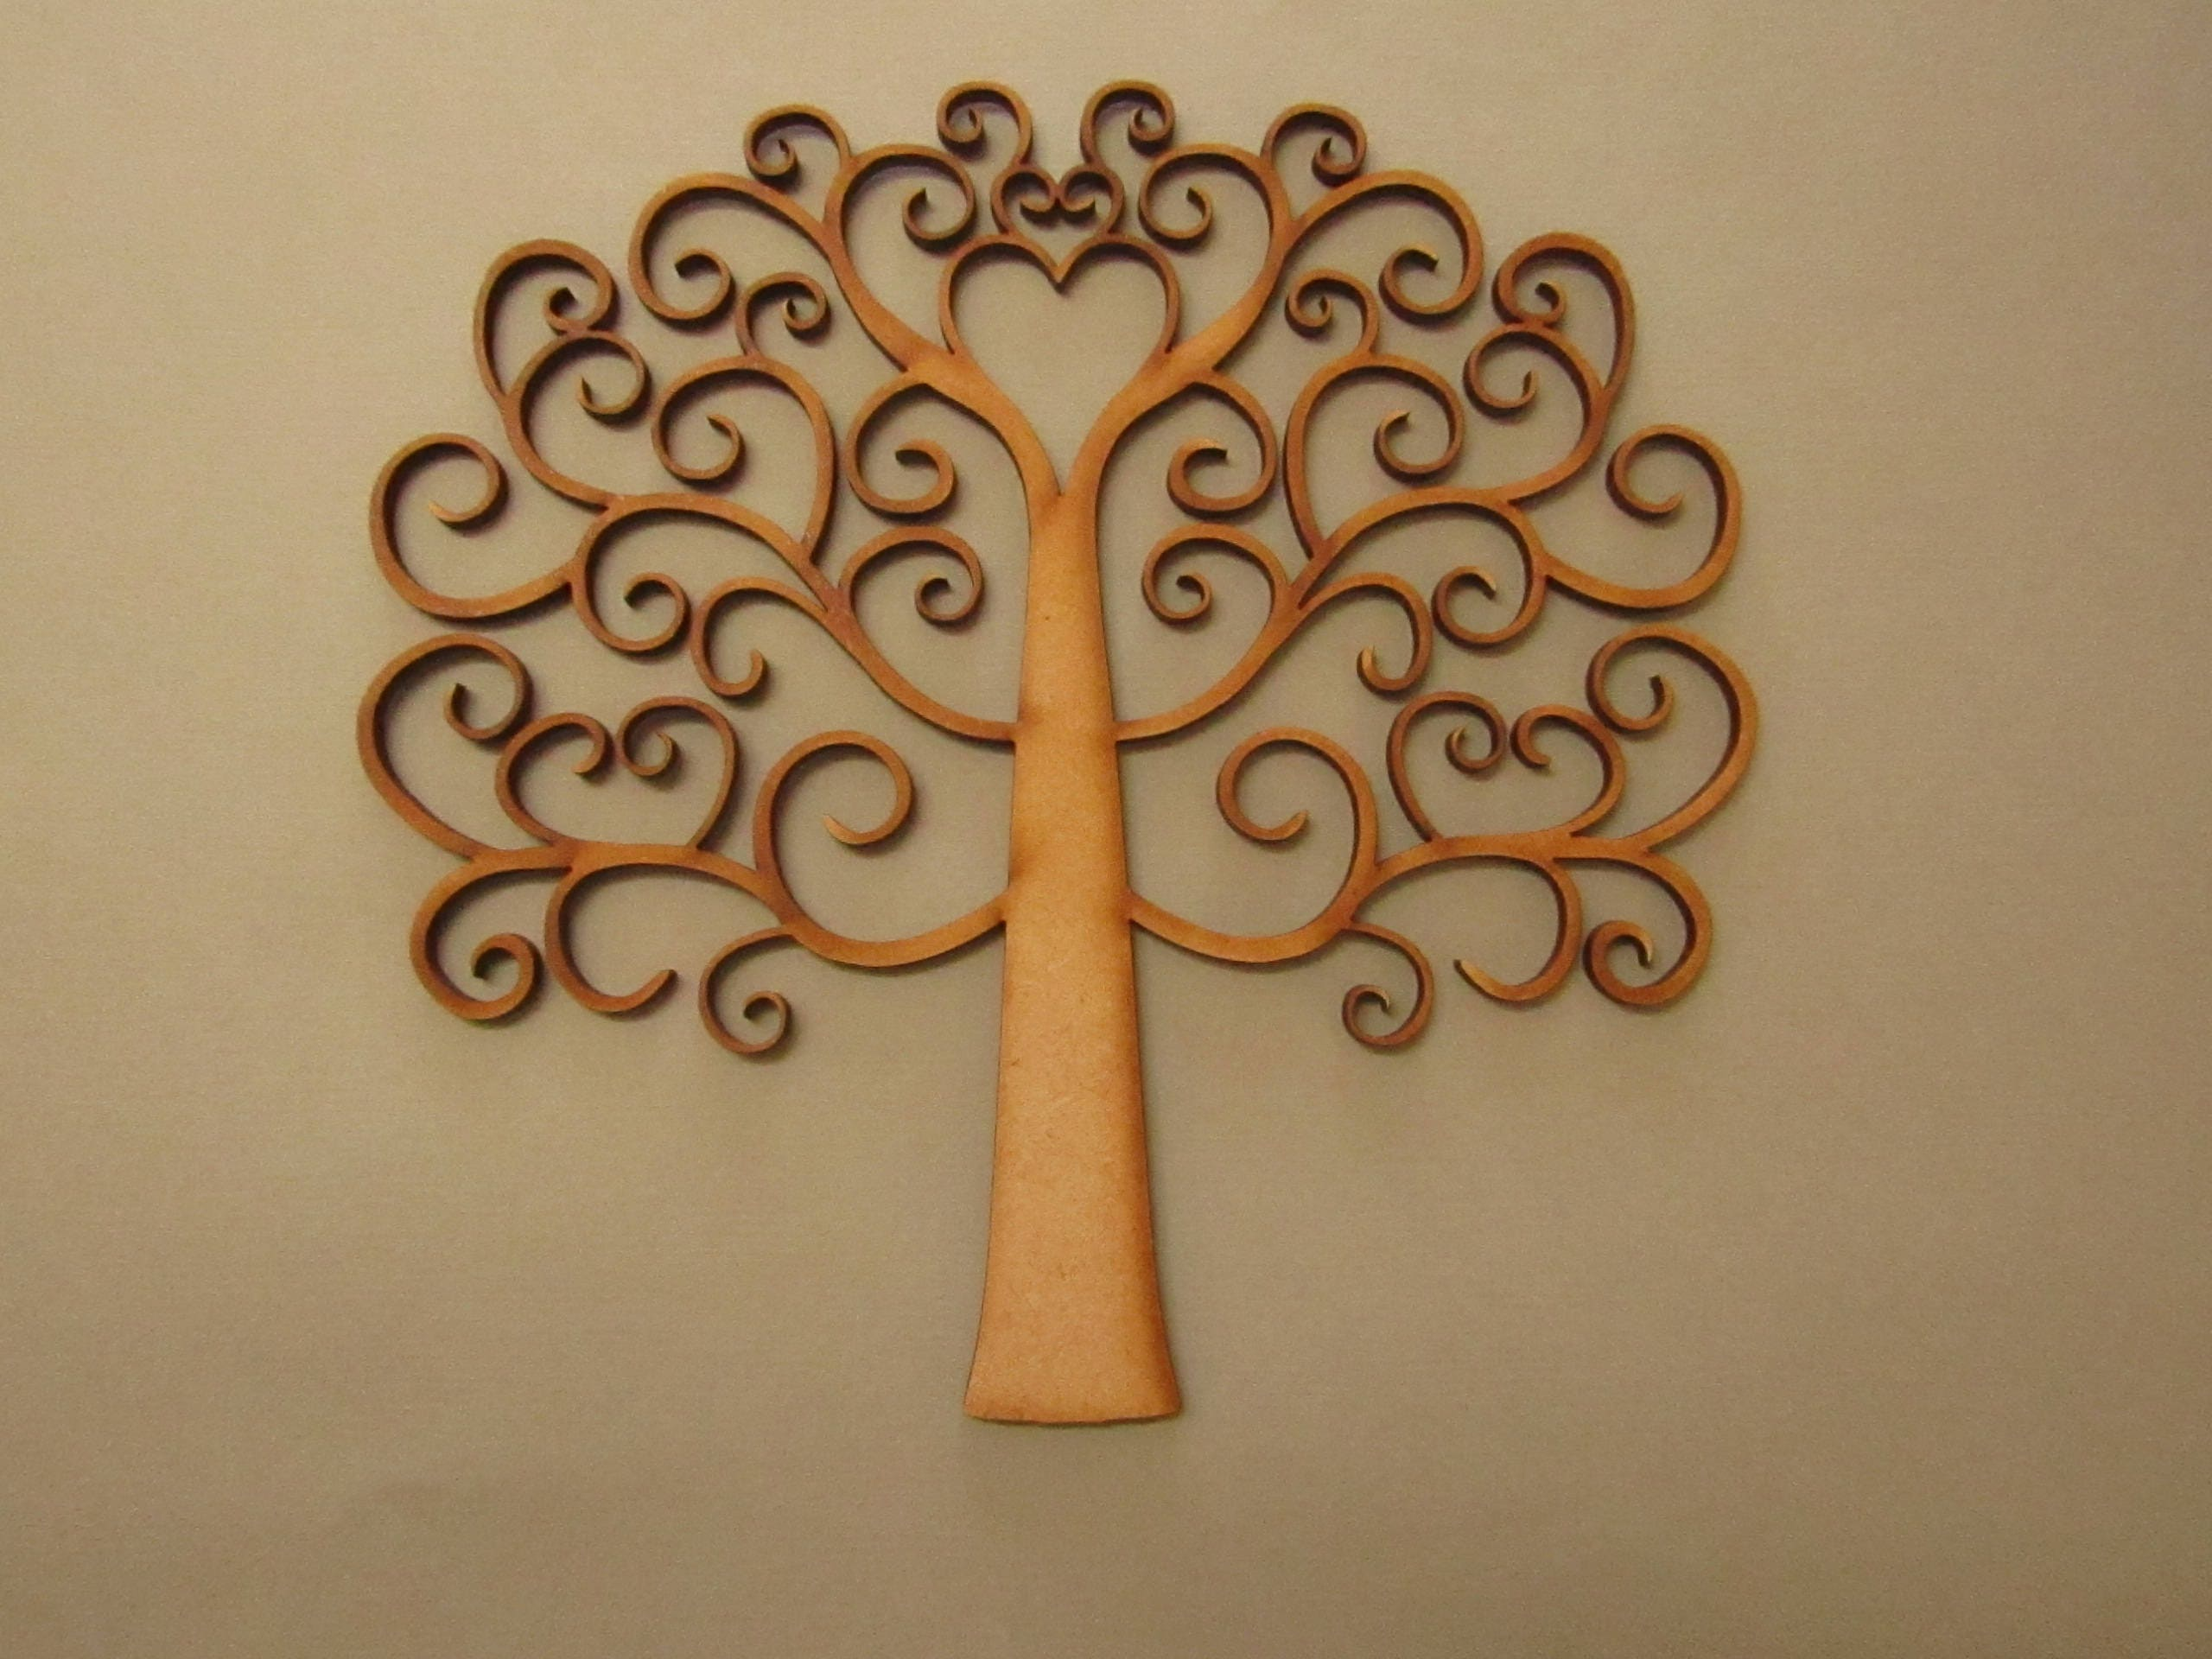 Wirbel-Design aus Holz Stammbaum Speicher-Baum   Etsy